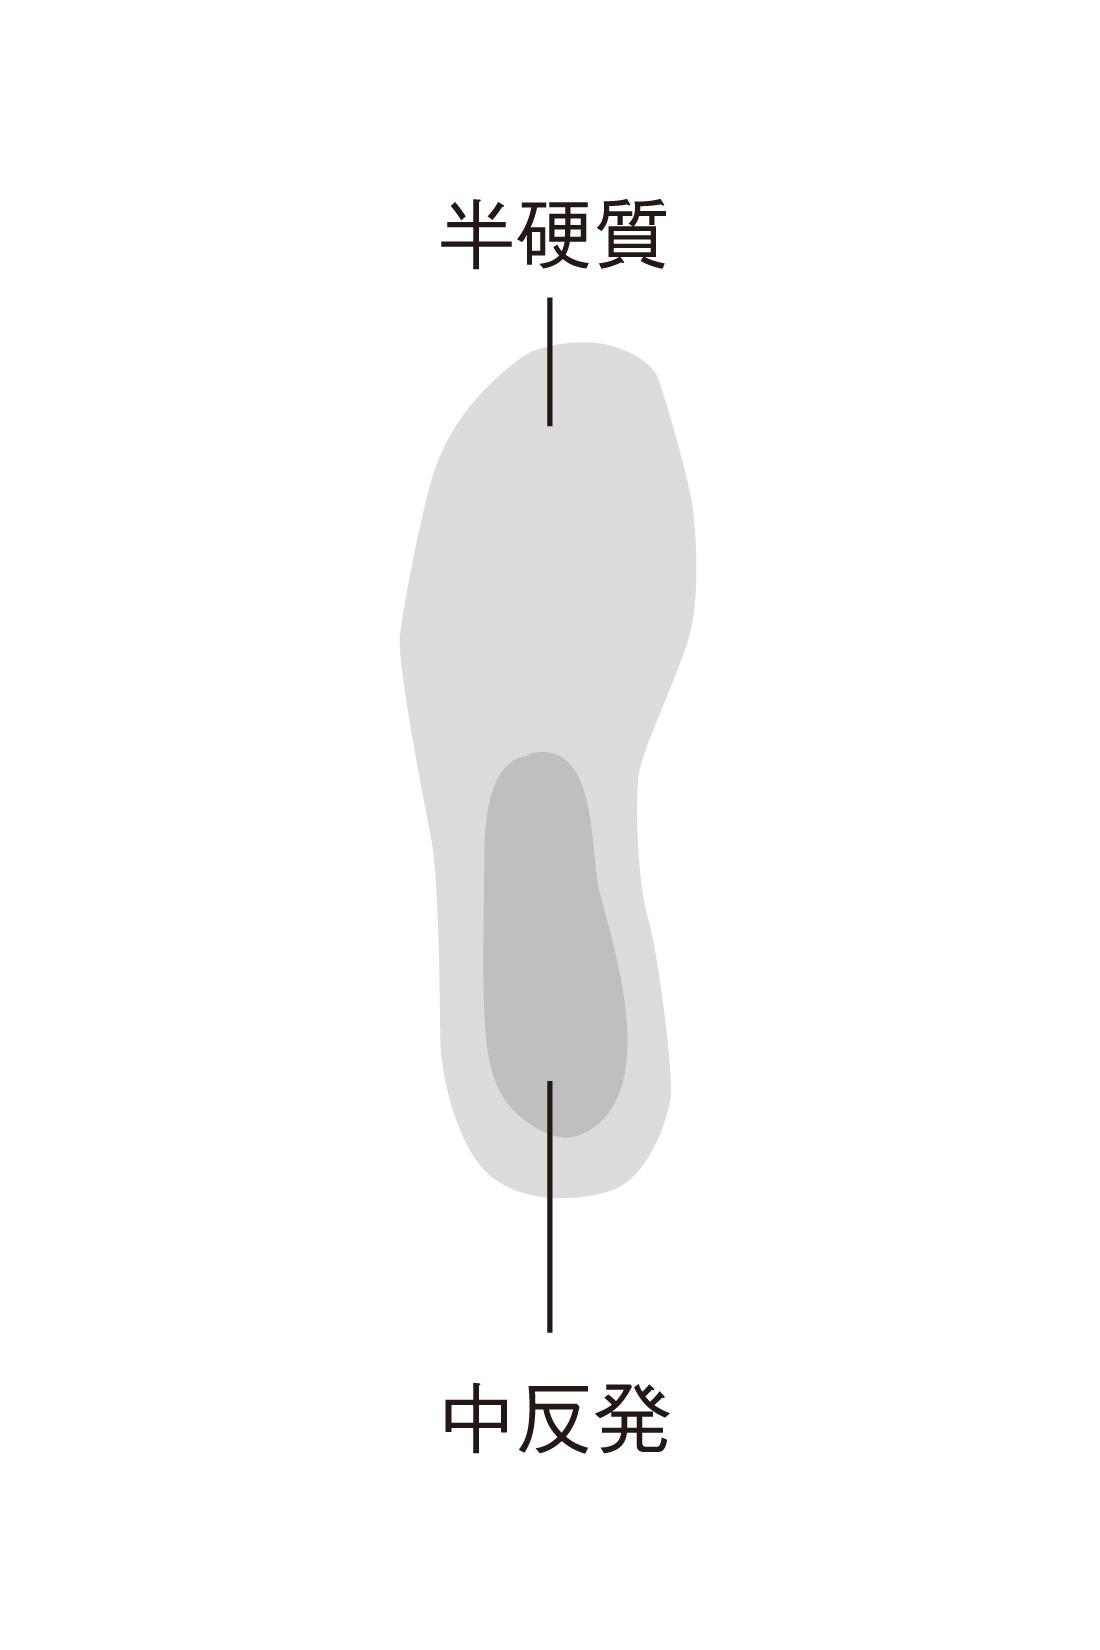 つま先部分には低反発スポンジ、かかと部分には衝撃吸収スポンジを採用。つま先には消臭シートもプラス。